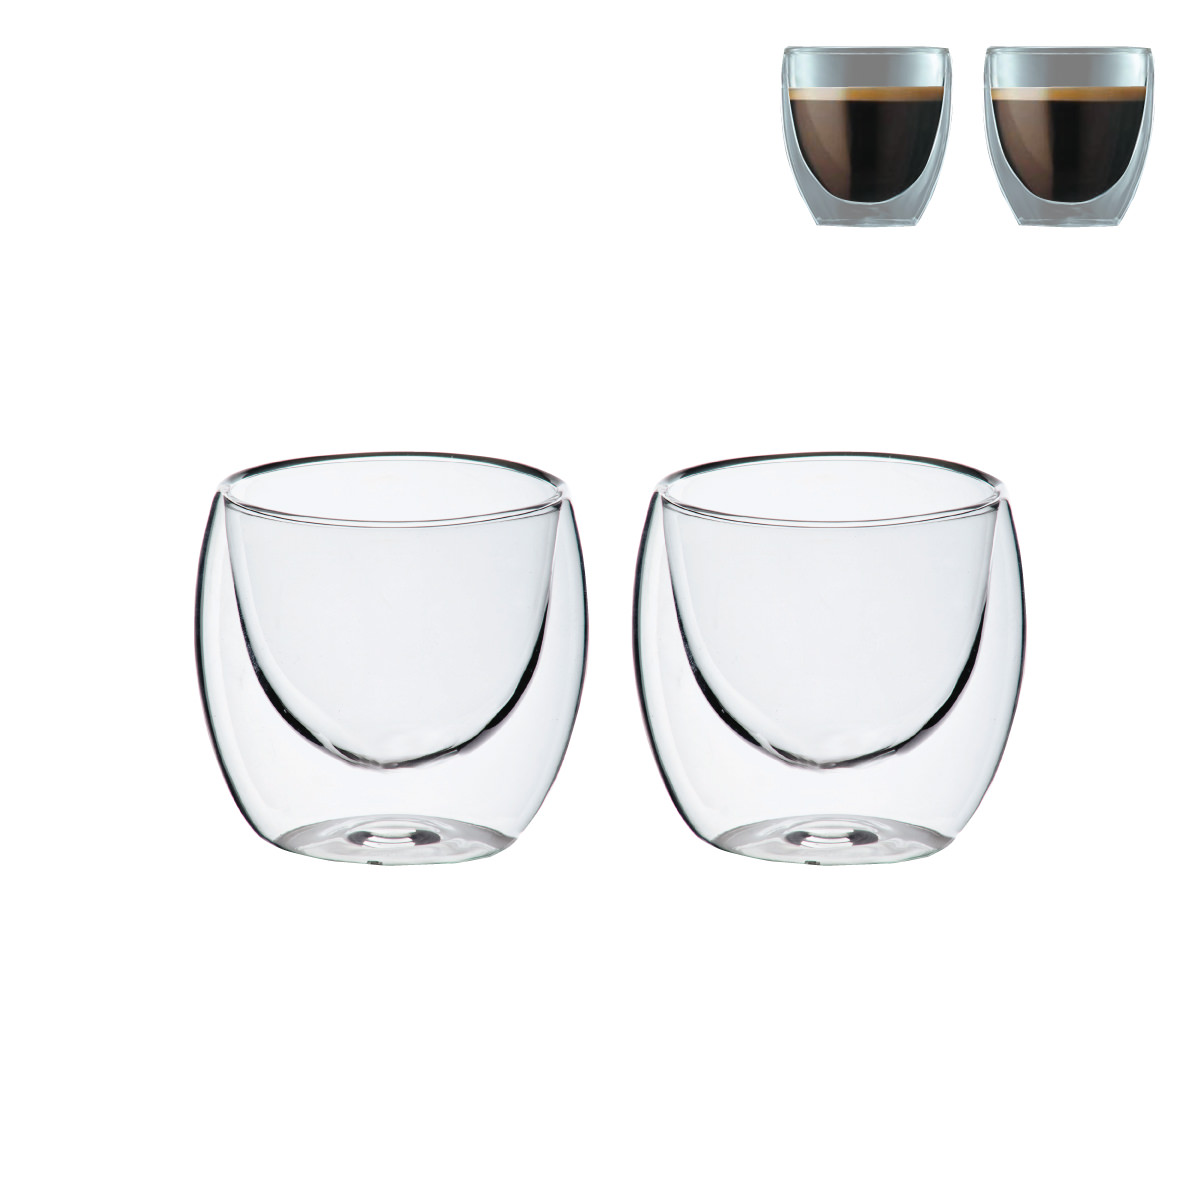 """זוג כוסות זכוכית דופן כפולה 150 מ""""ל - ברזיל"""